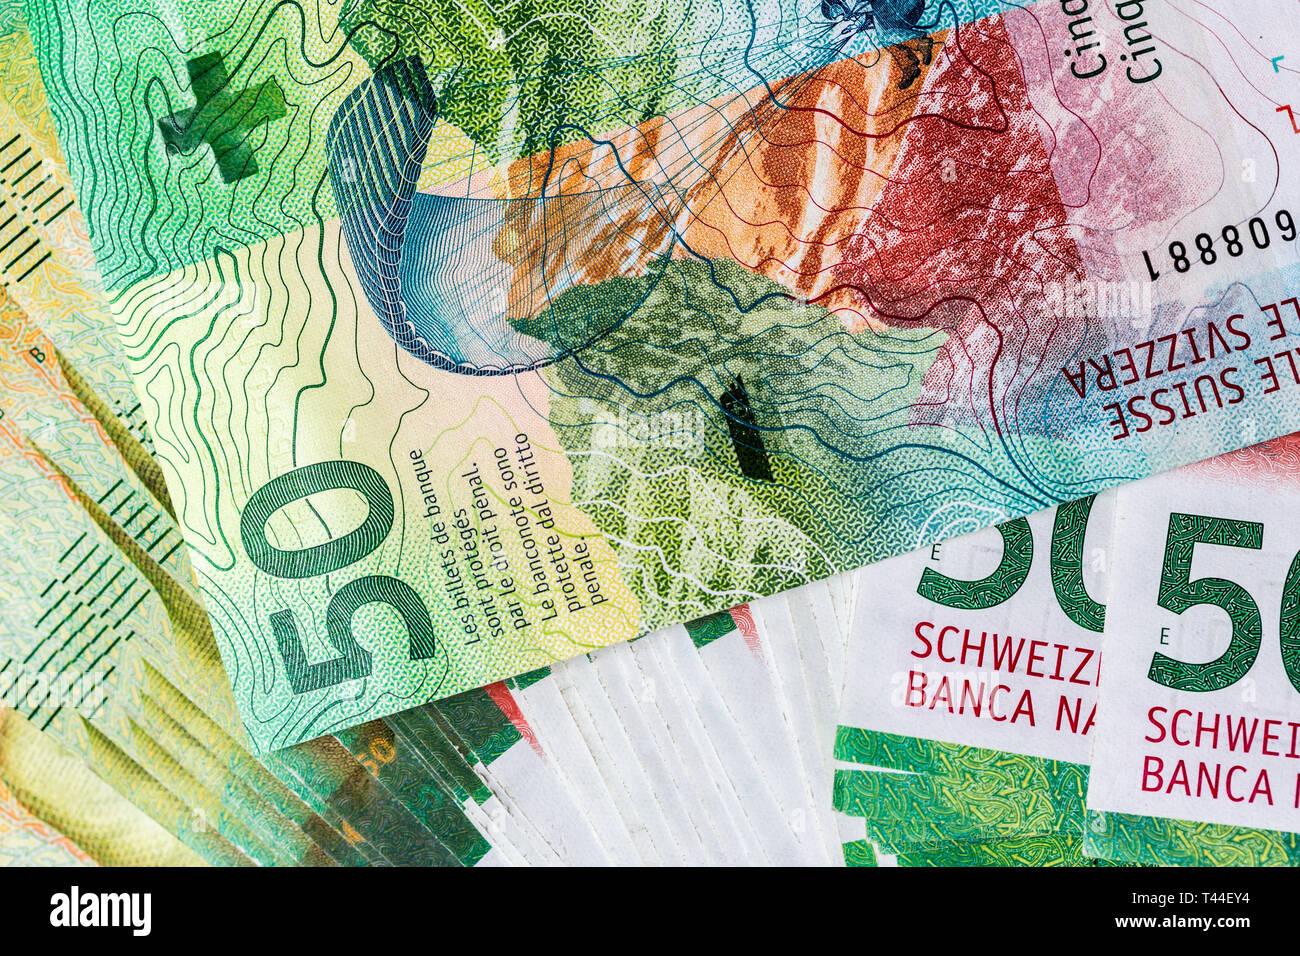 ee2791b389 Banconote di 50 franchi svizzeri presi in macro e in dettaglio. Immagini  Stock